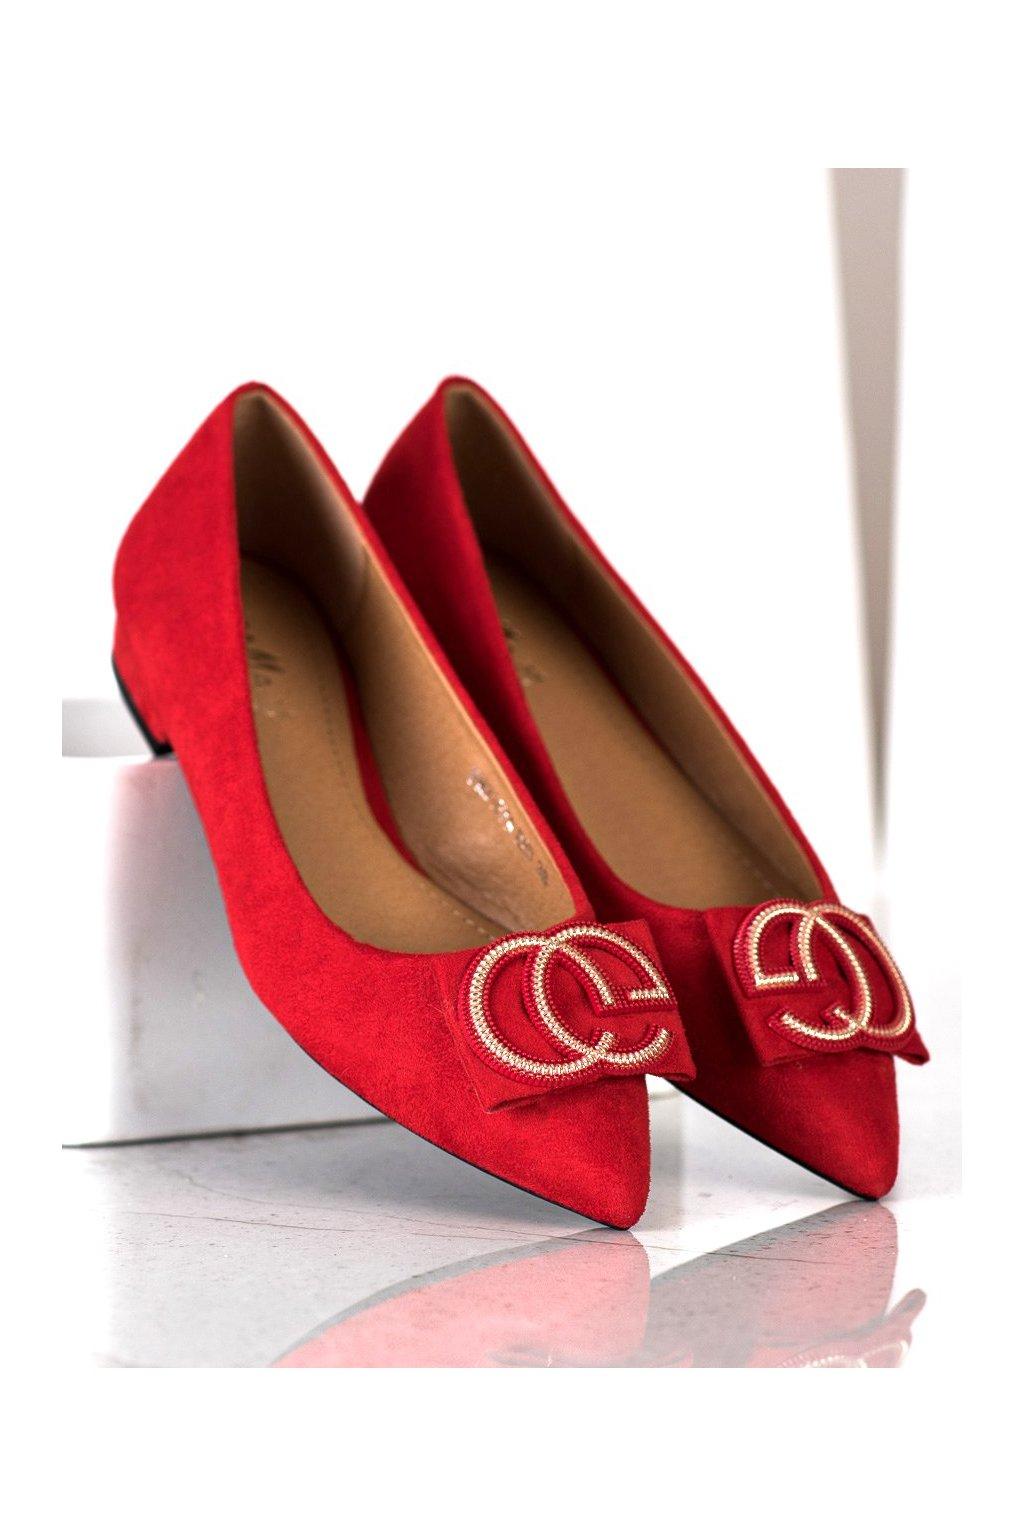 Červené dámske balerínky Fama kod FM3107R